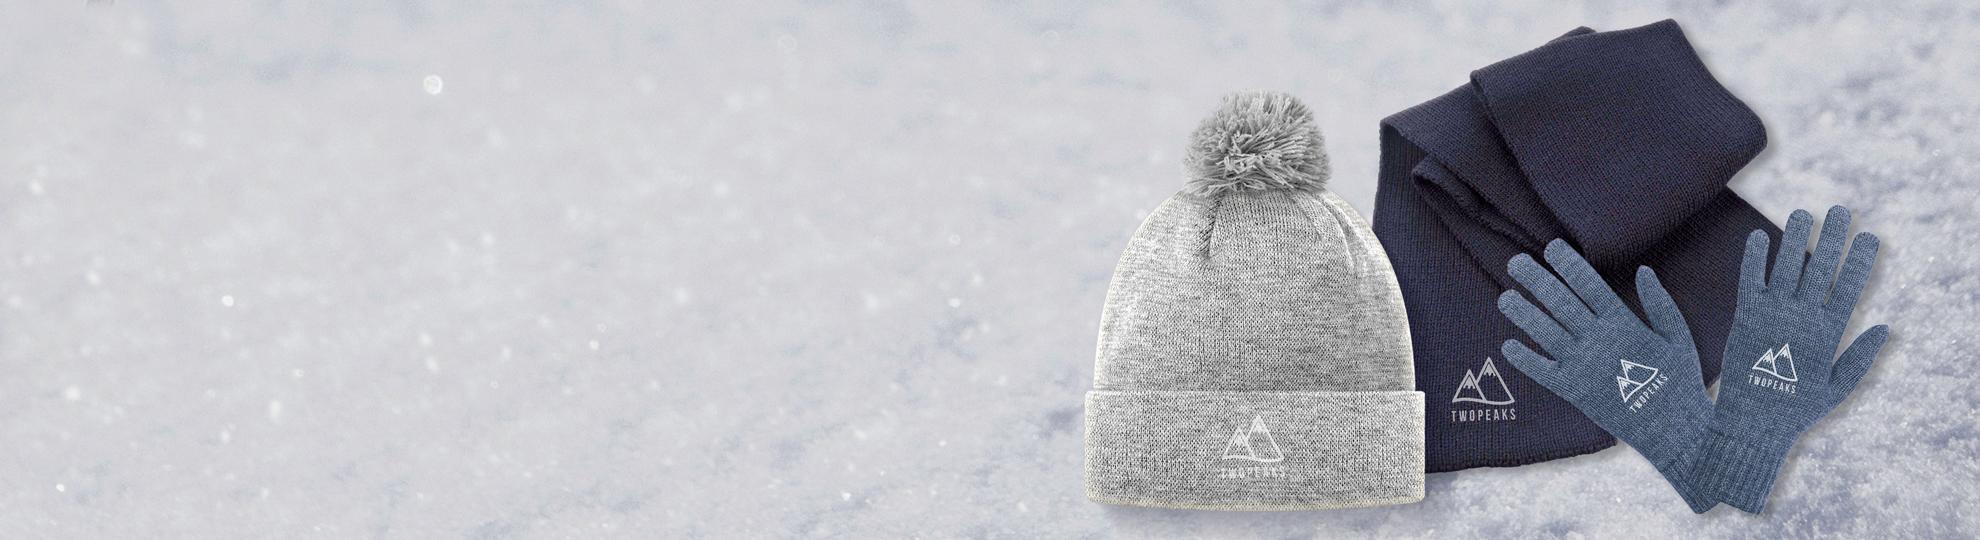 Impression bonnet, écharpe et gants personnalisés publicitaire